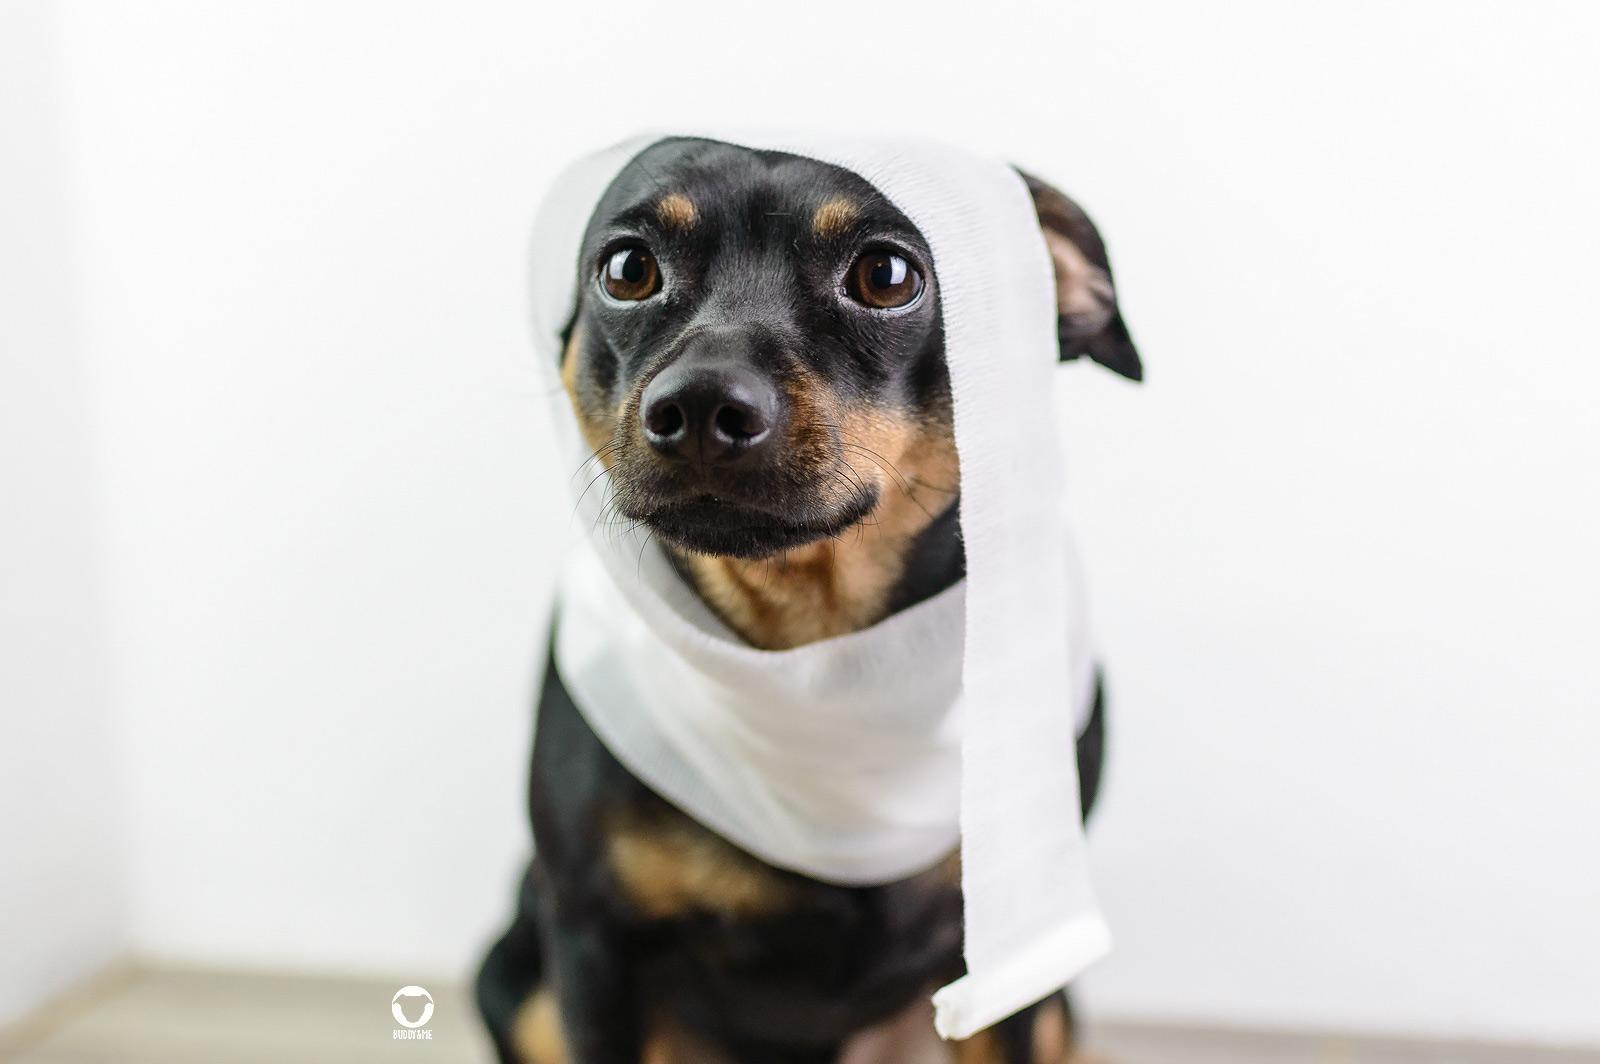 Pinscher Buddy, Buddy and Me, Hundeblog, Dogblog, Kooperation, Agila, Tierkrankenversicherung, Tierarztkosten, Kosten Hund, vorhersehen, kalkulieren, bereichnen, Tierarztbesuch, Ausgaben, Rechnung, Gesundheit, Vorsorge, Behandlungen, Impfung, Verletzung